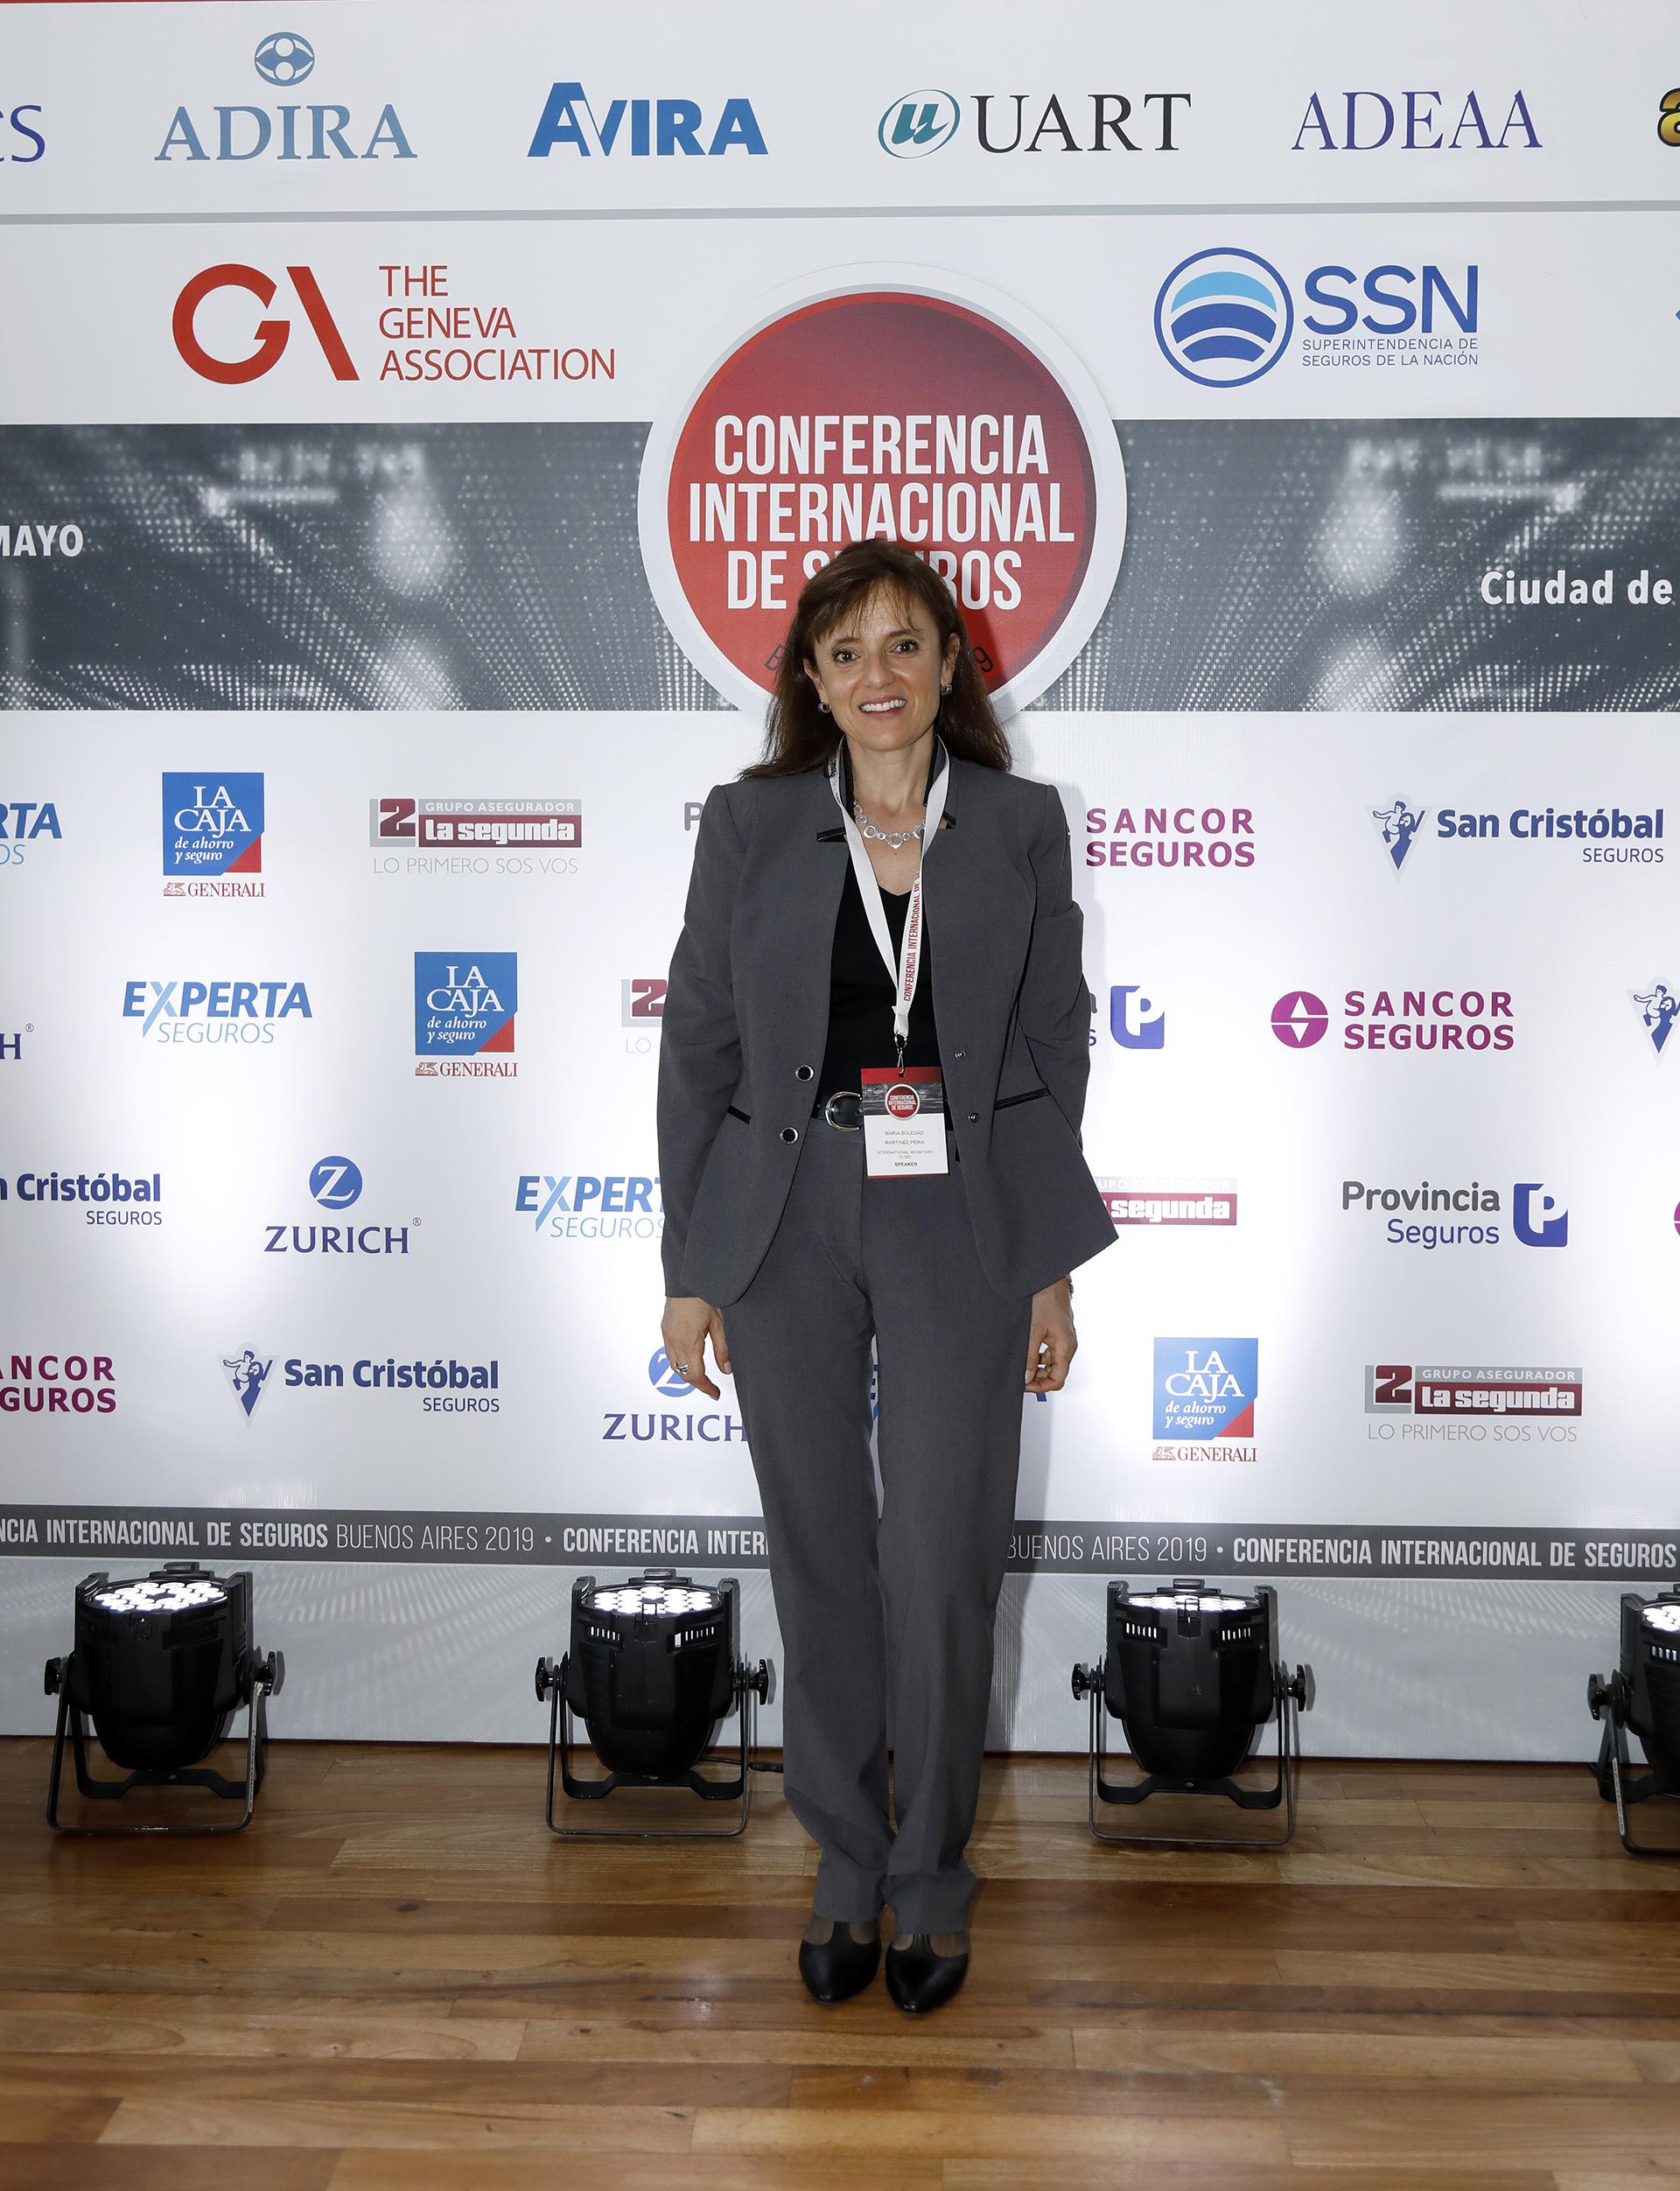 María Soledad Martínez Peria, Division Chief of the Macro-Financial Division of the Research Department del Fondo Monetario Internacional (FMI)